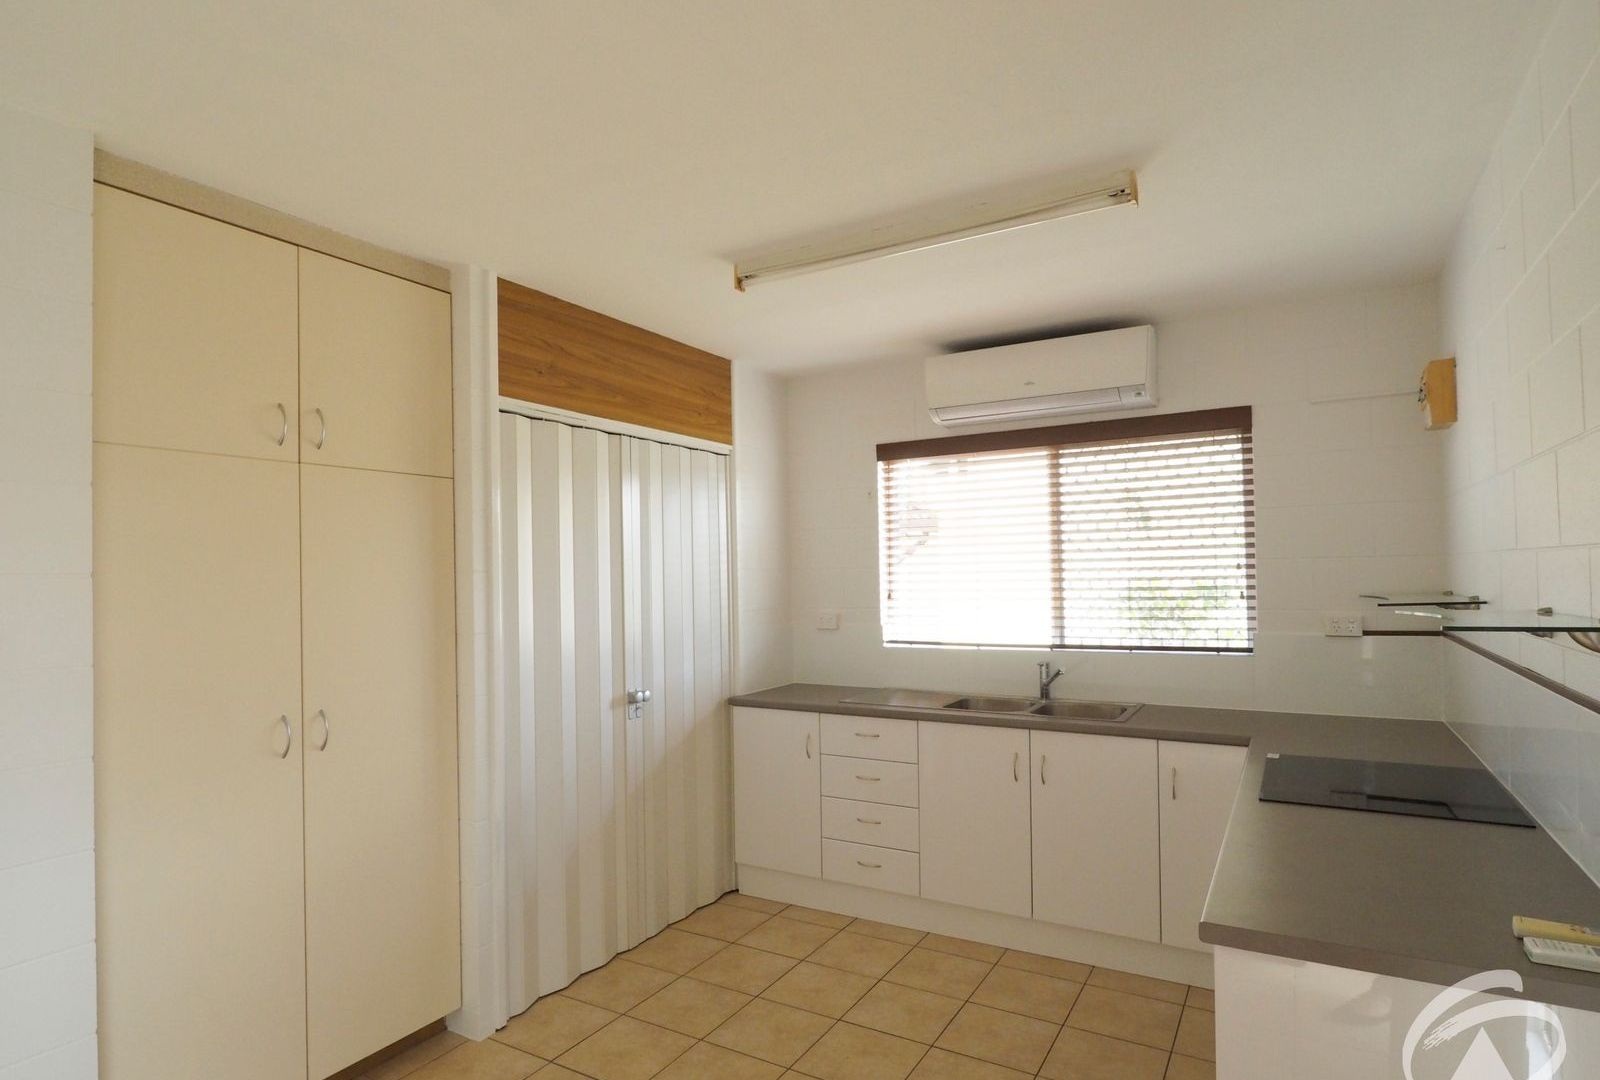 4/38-44 Boland Street, Westcourt QLD 4870, Image 2